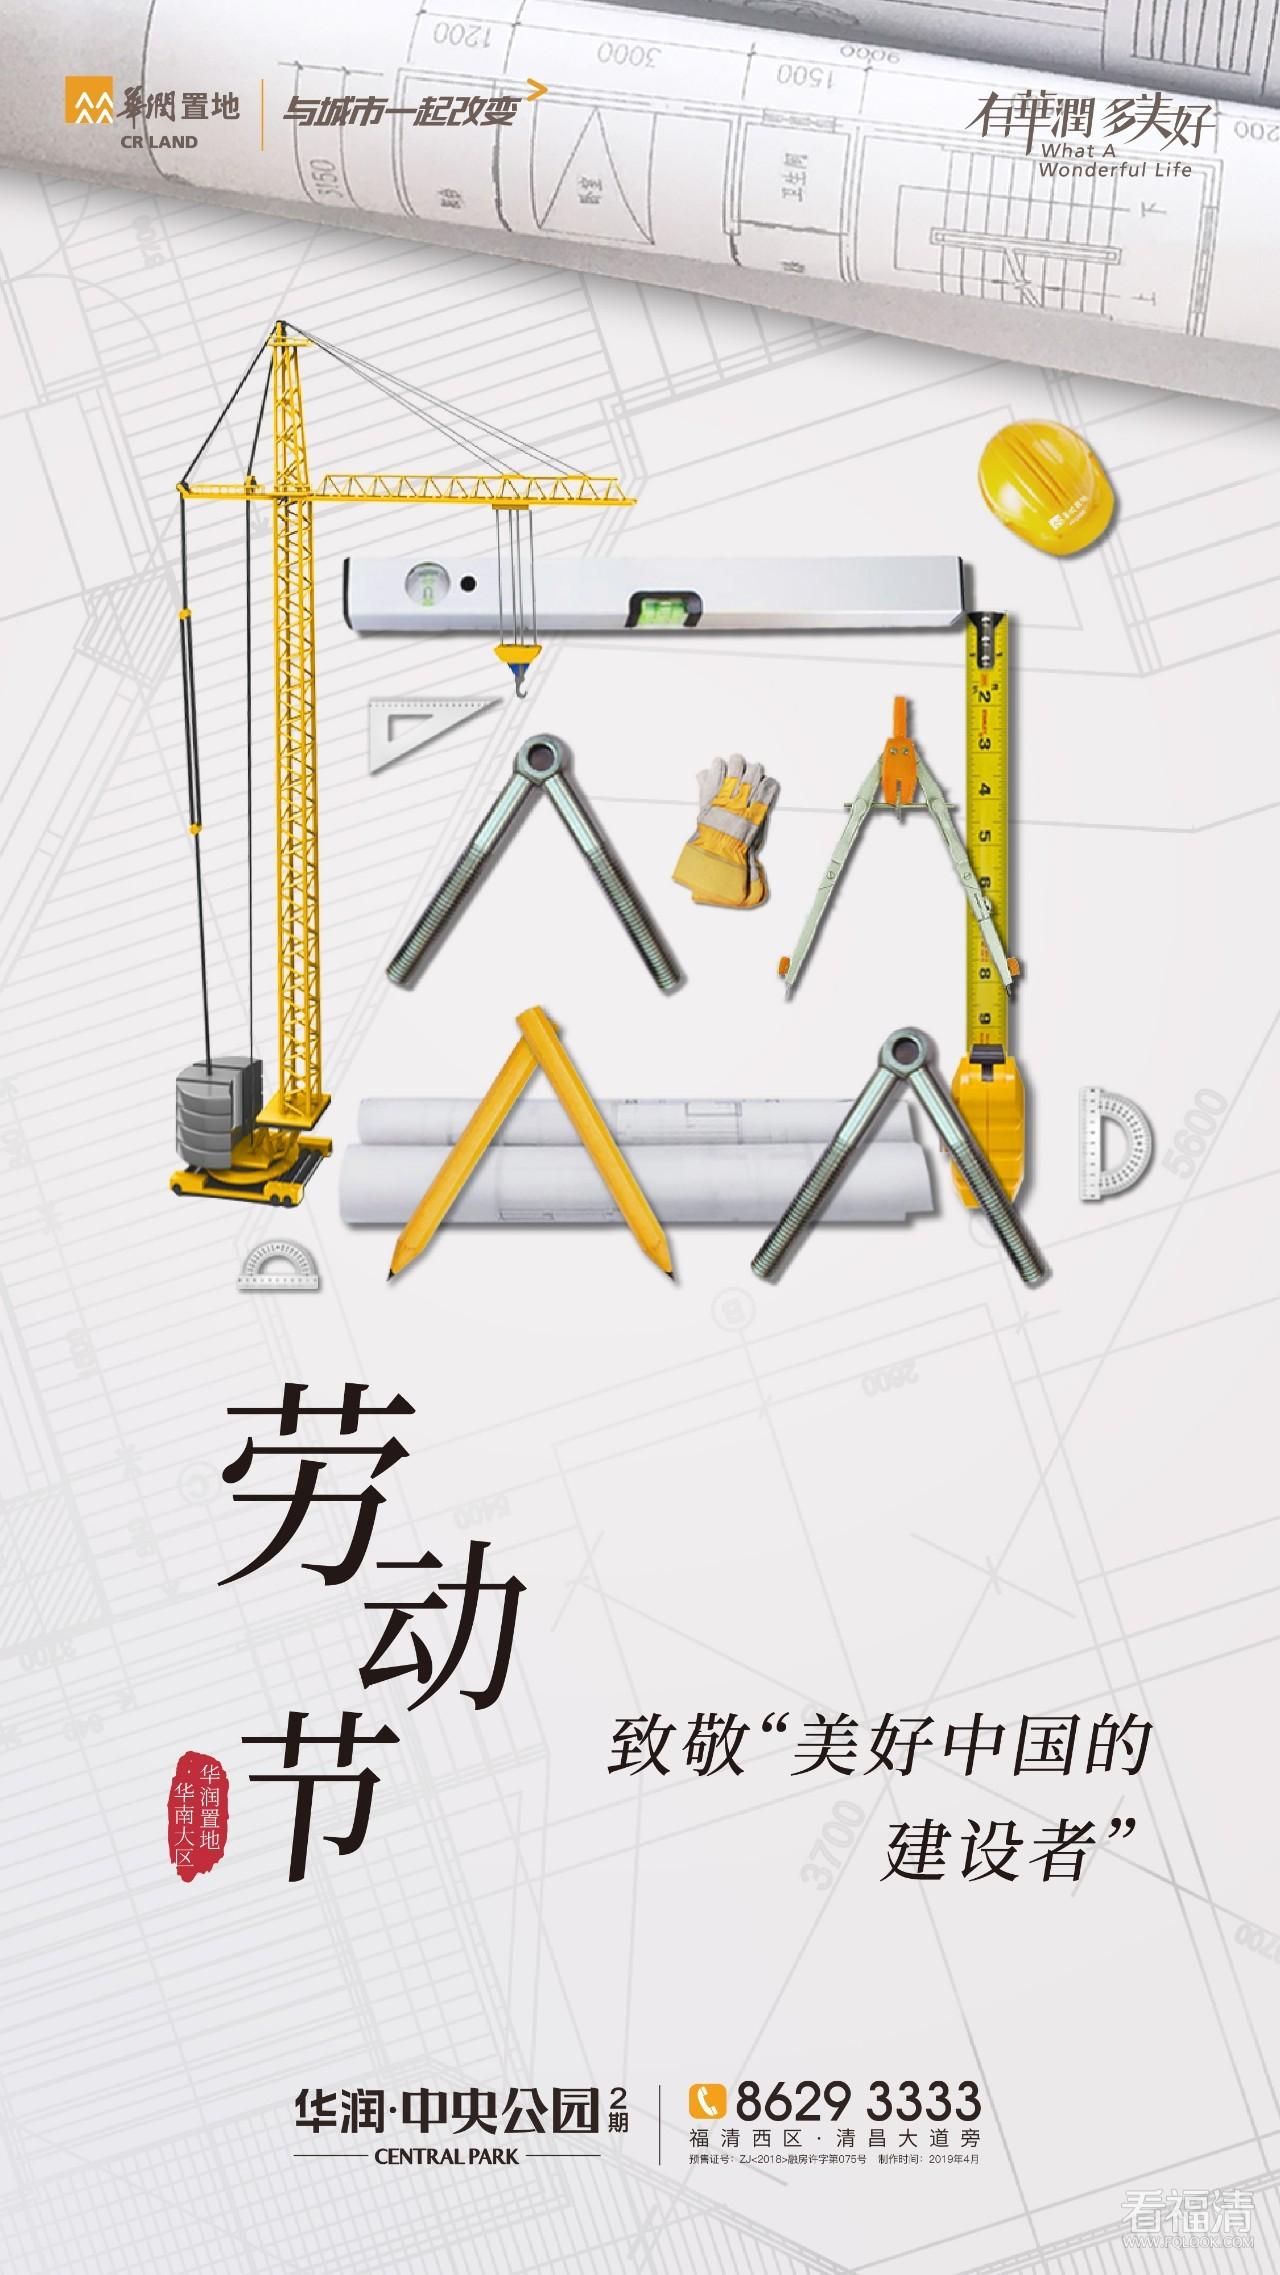 华润置地:劳动节致敬美好中国的建设者